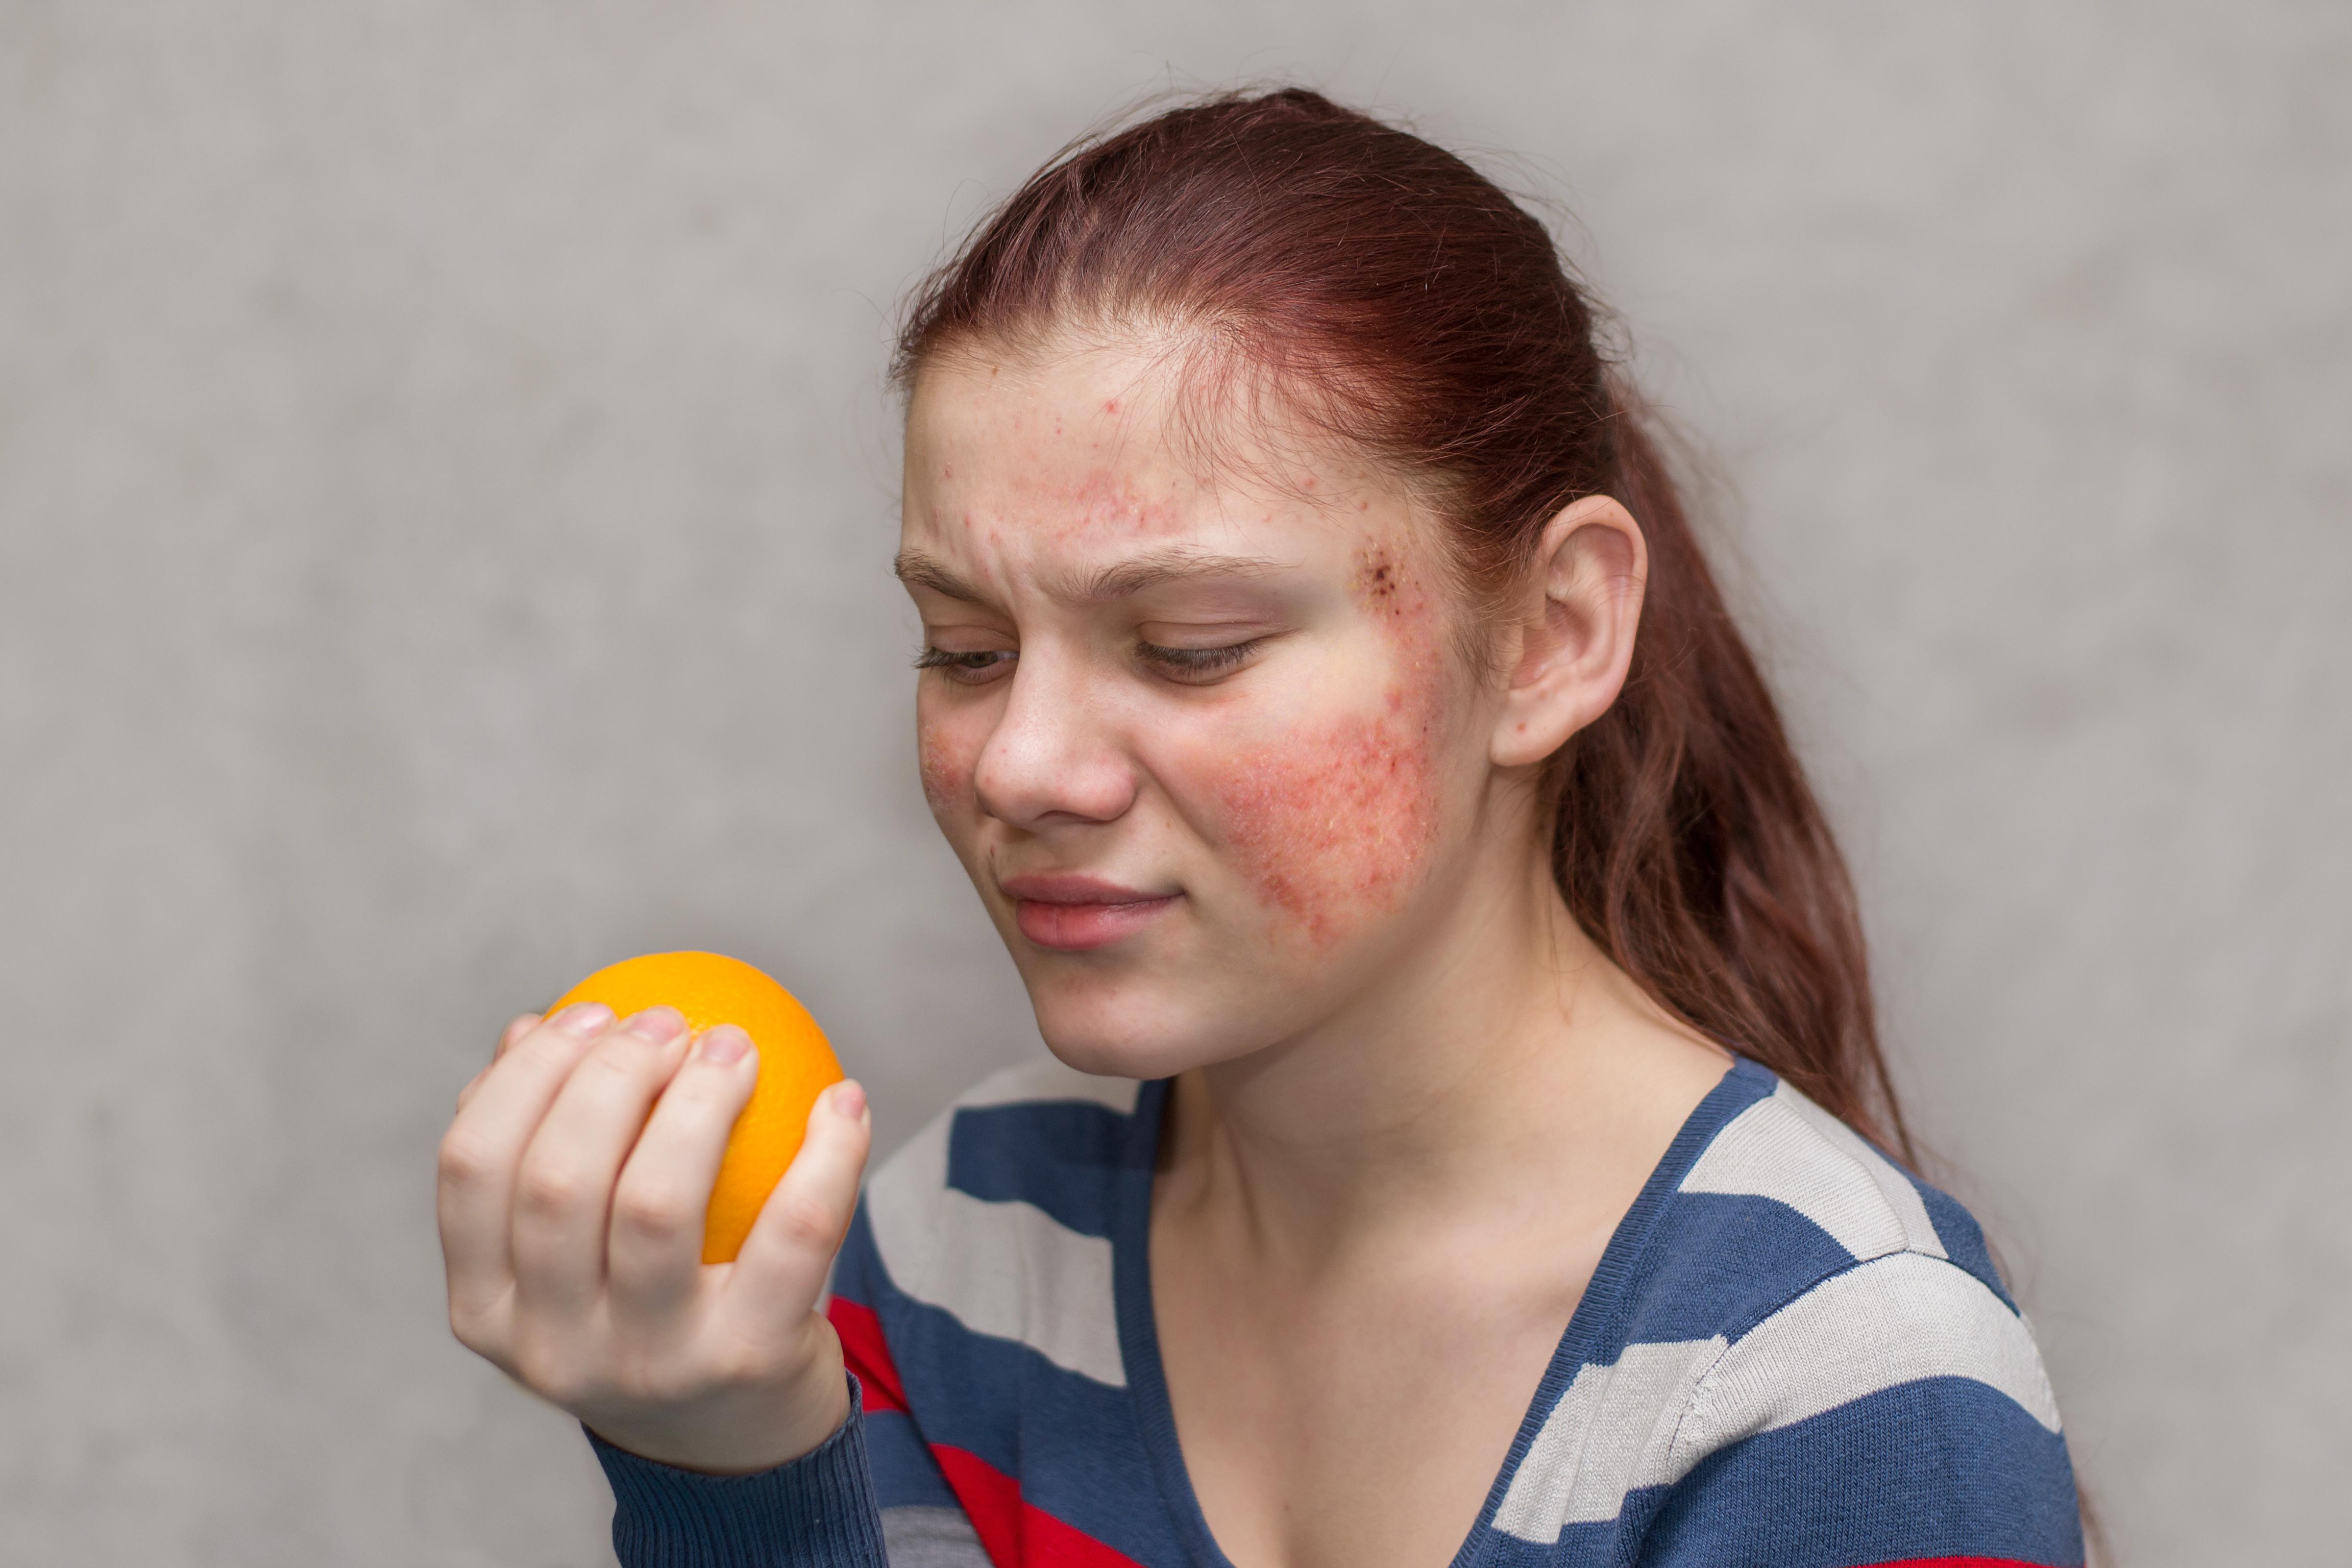 När en pollenallergiker får korsallergi handlar det ofta om olika typer av frukter eller bär.